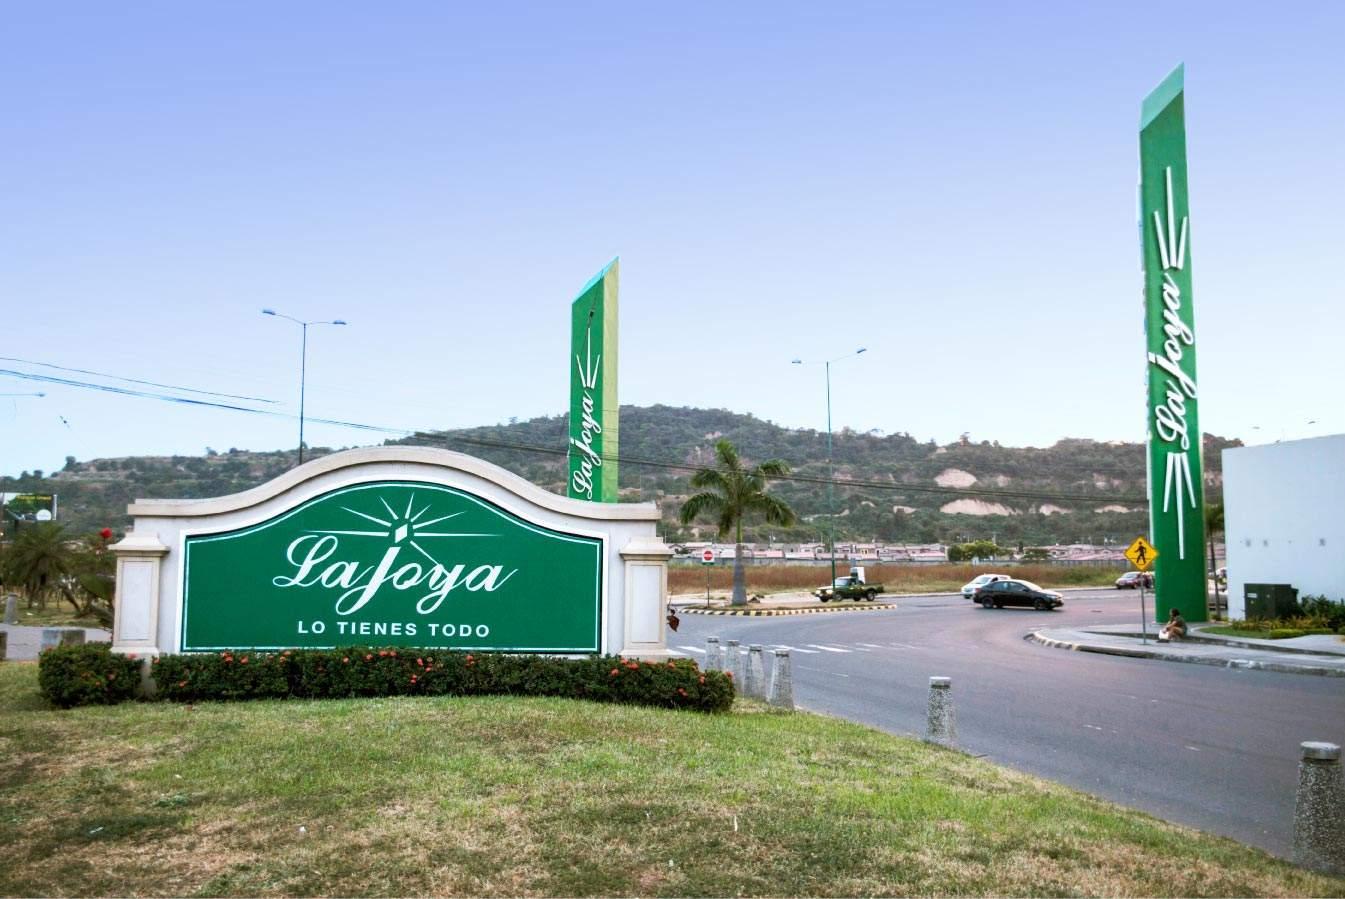 mejores lugares en lajoya - ¿Ya conoces los mejores lugares de La Joya?